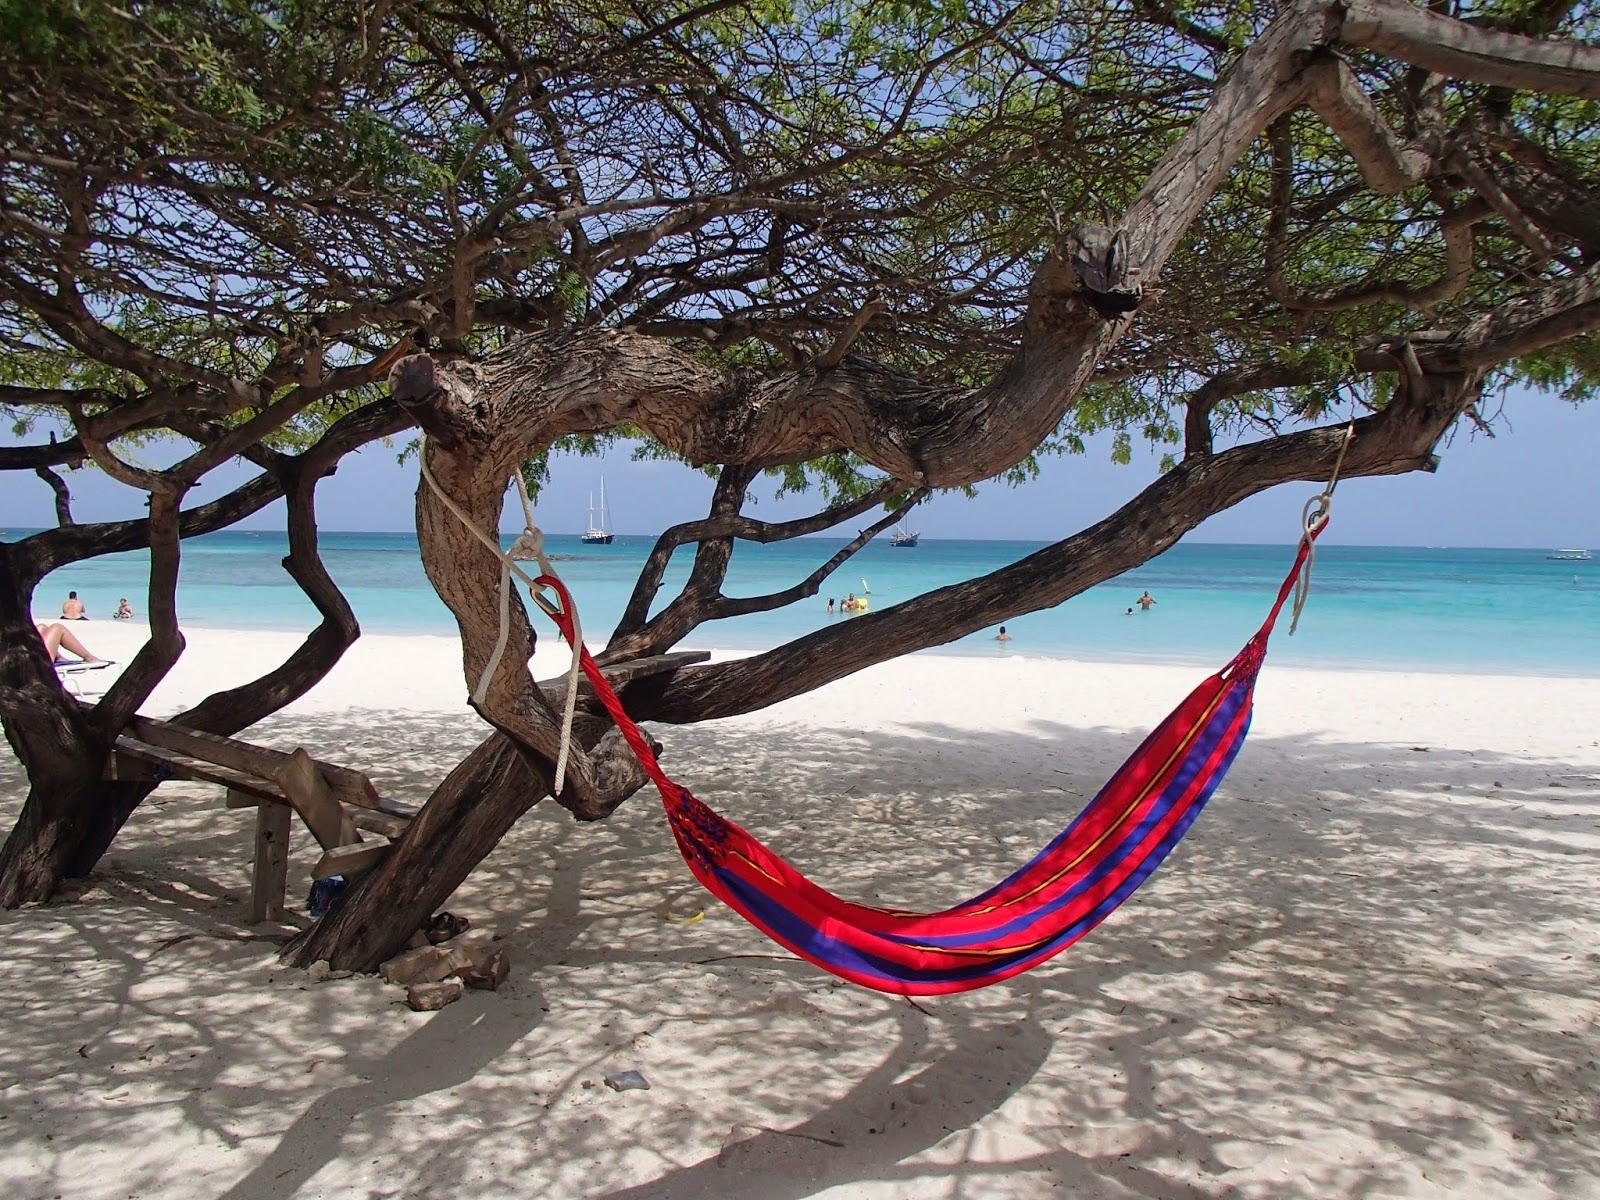 Aruban hammock